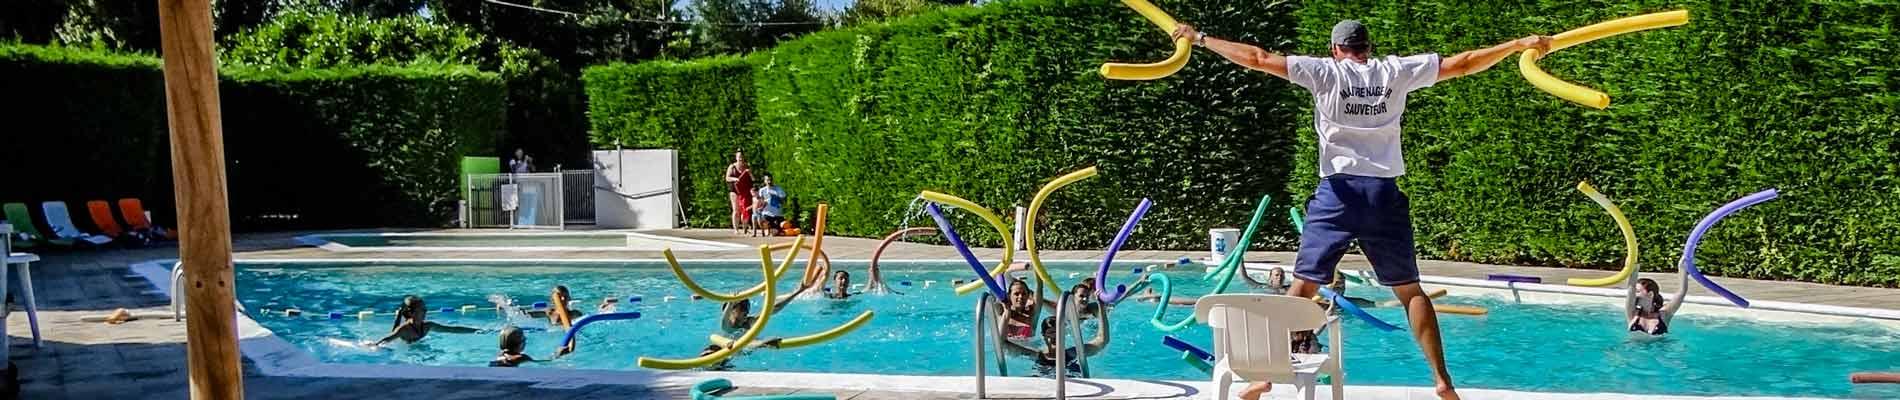 Espace piscine à Royan